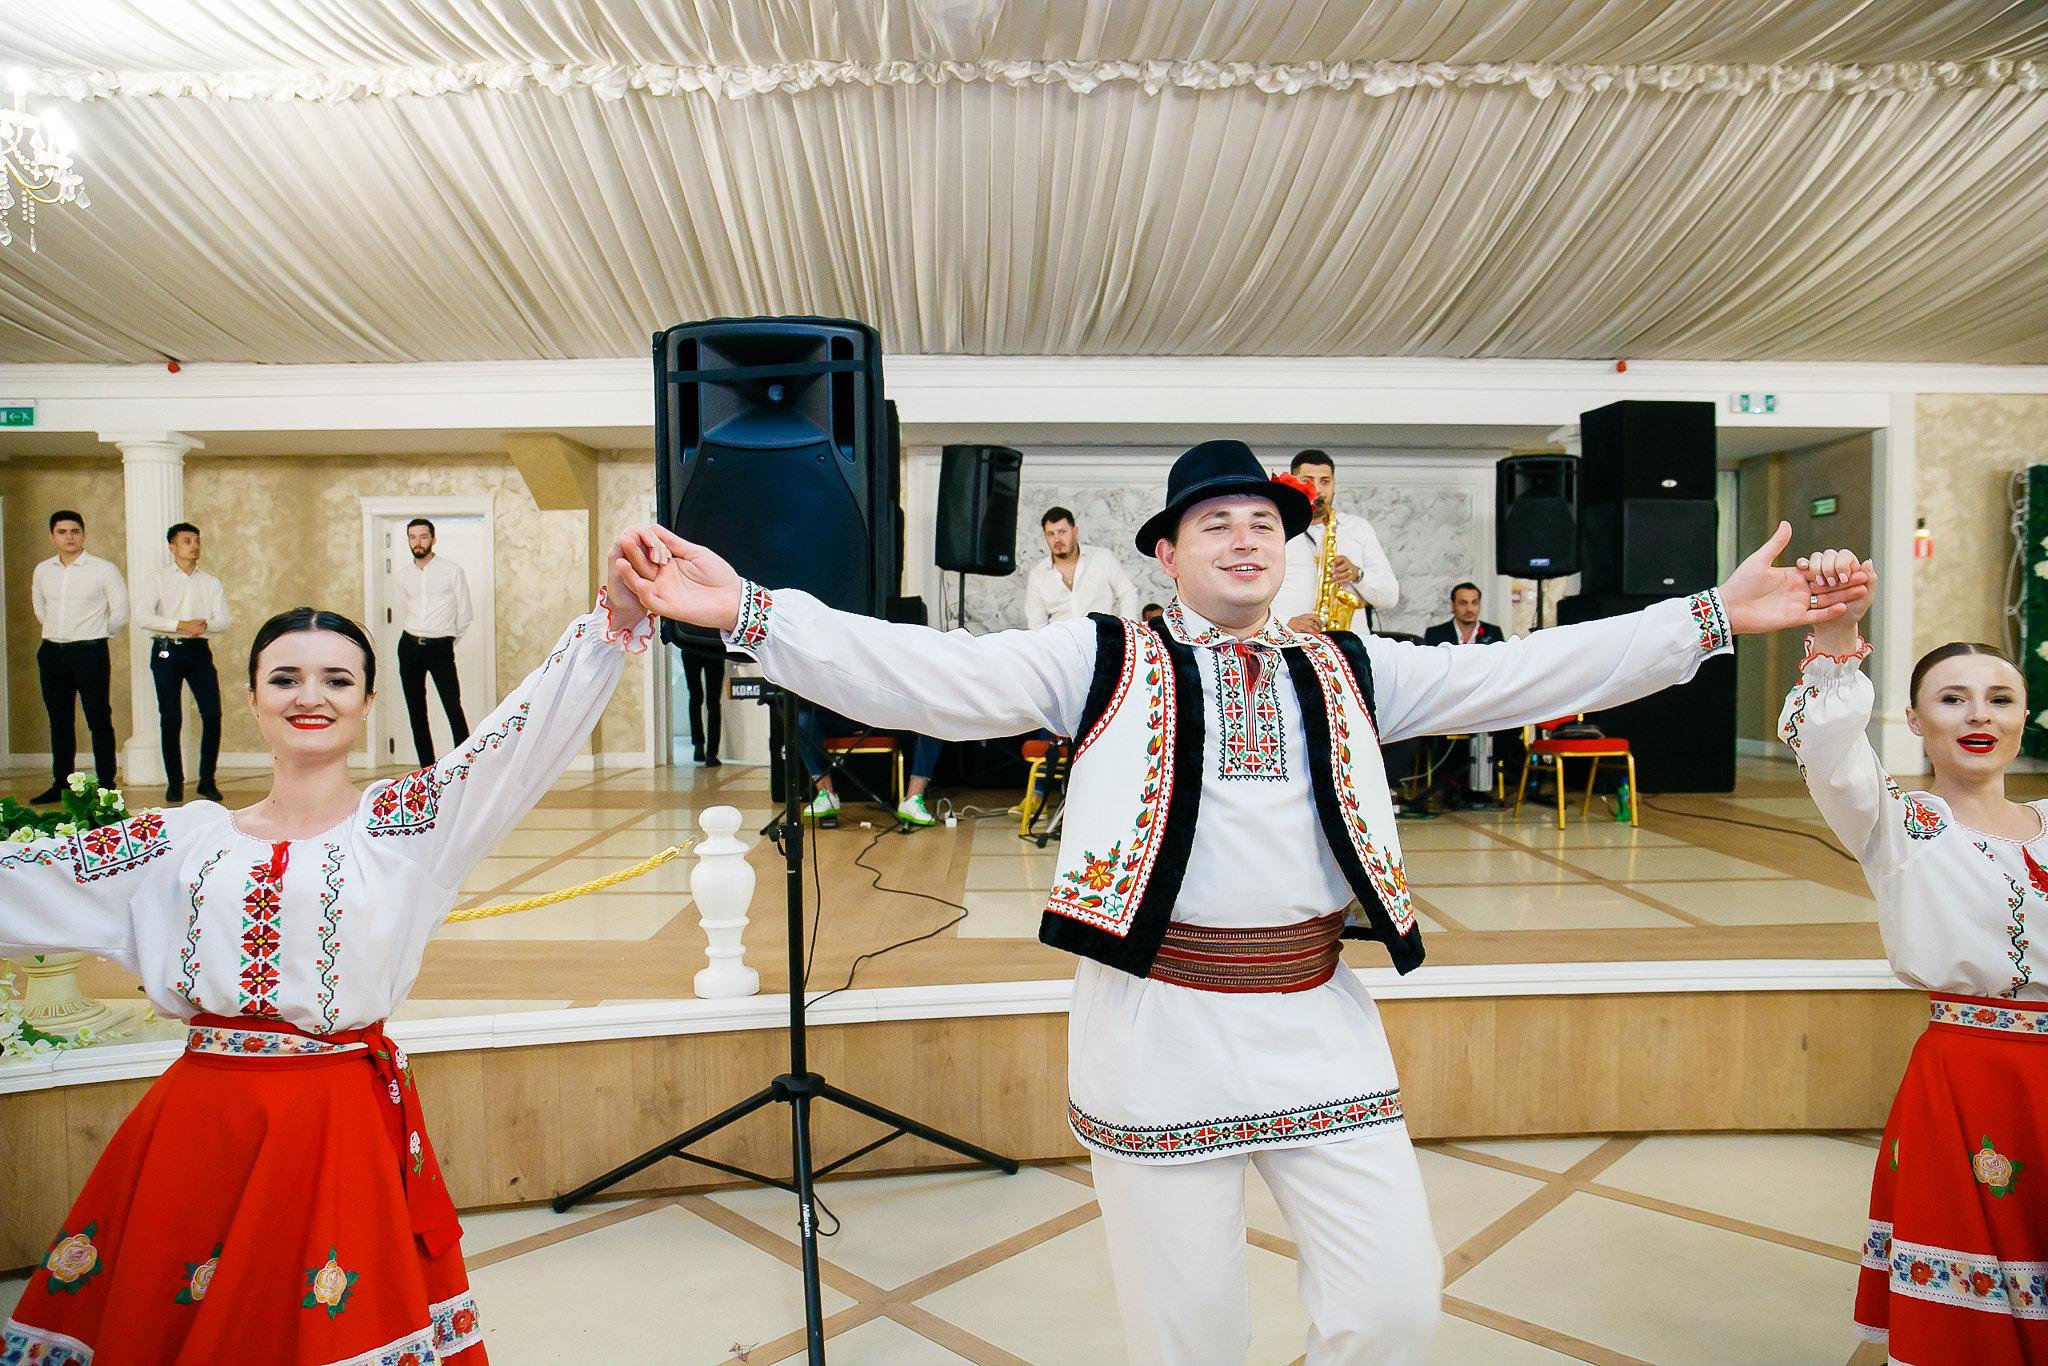 Madalina si Andrei nunta la Castel Iasi BallRoom fotograf profesionist nunta iasi paul padurariu www.paulpadurariu.ro 2018 10